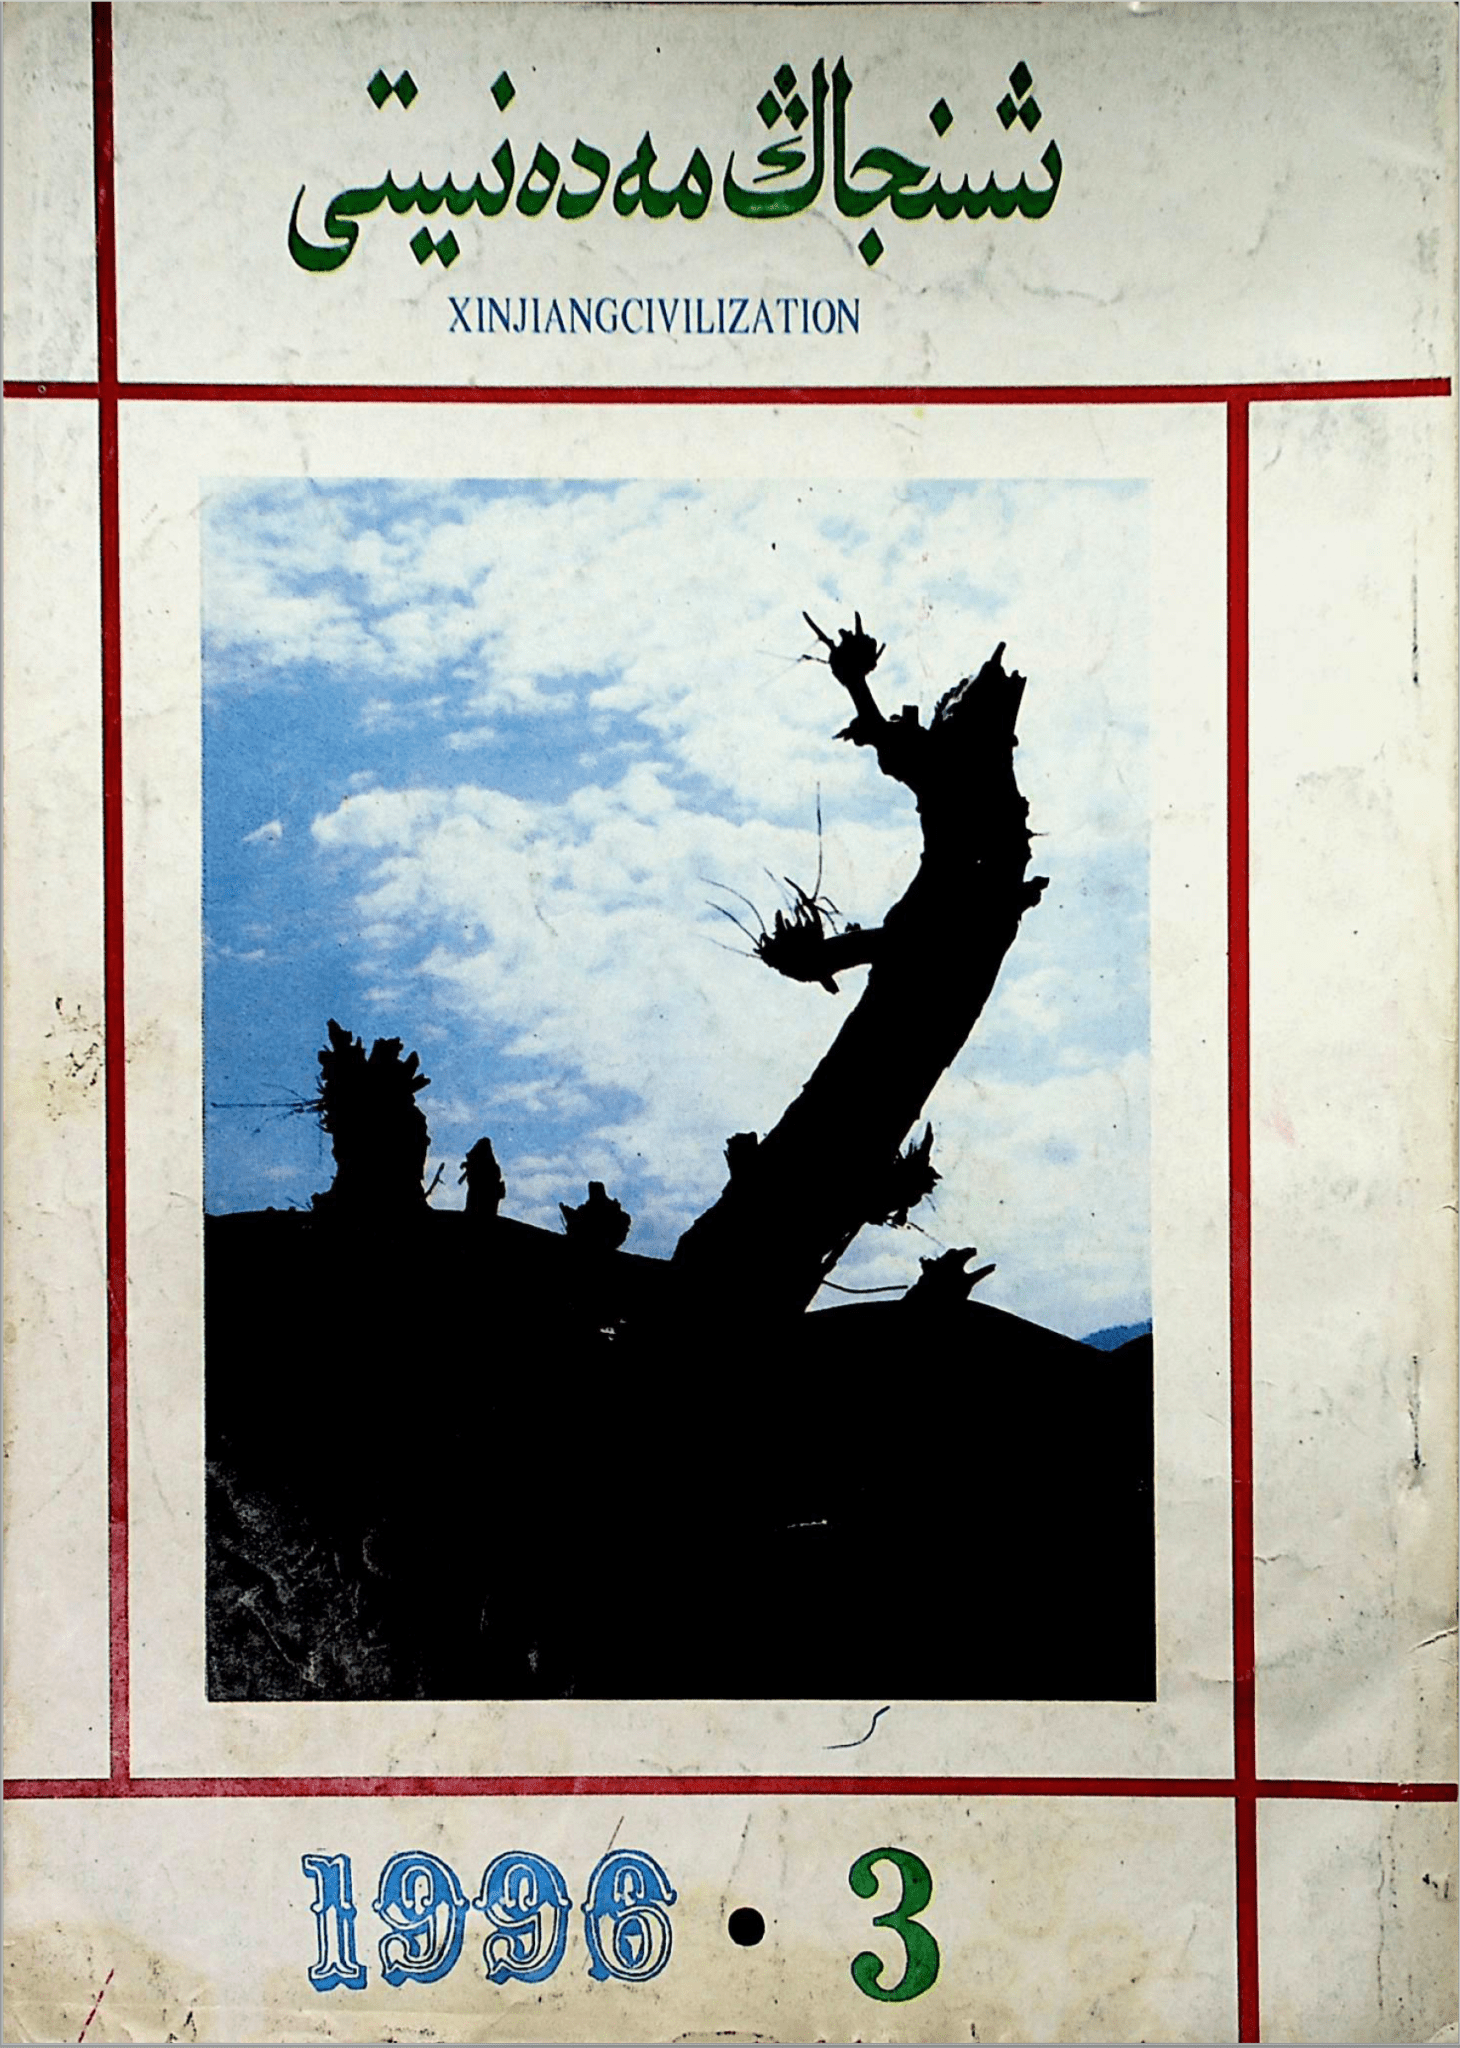 شىنجاڭ مەدەنىيىتى 1996-يىلى 3 -سان, ئېلكىتاب تورى